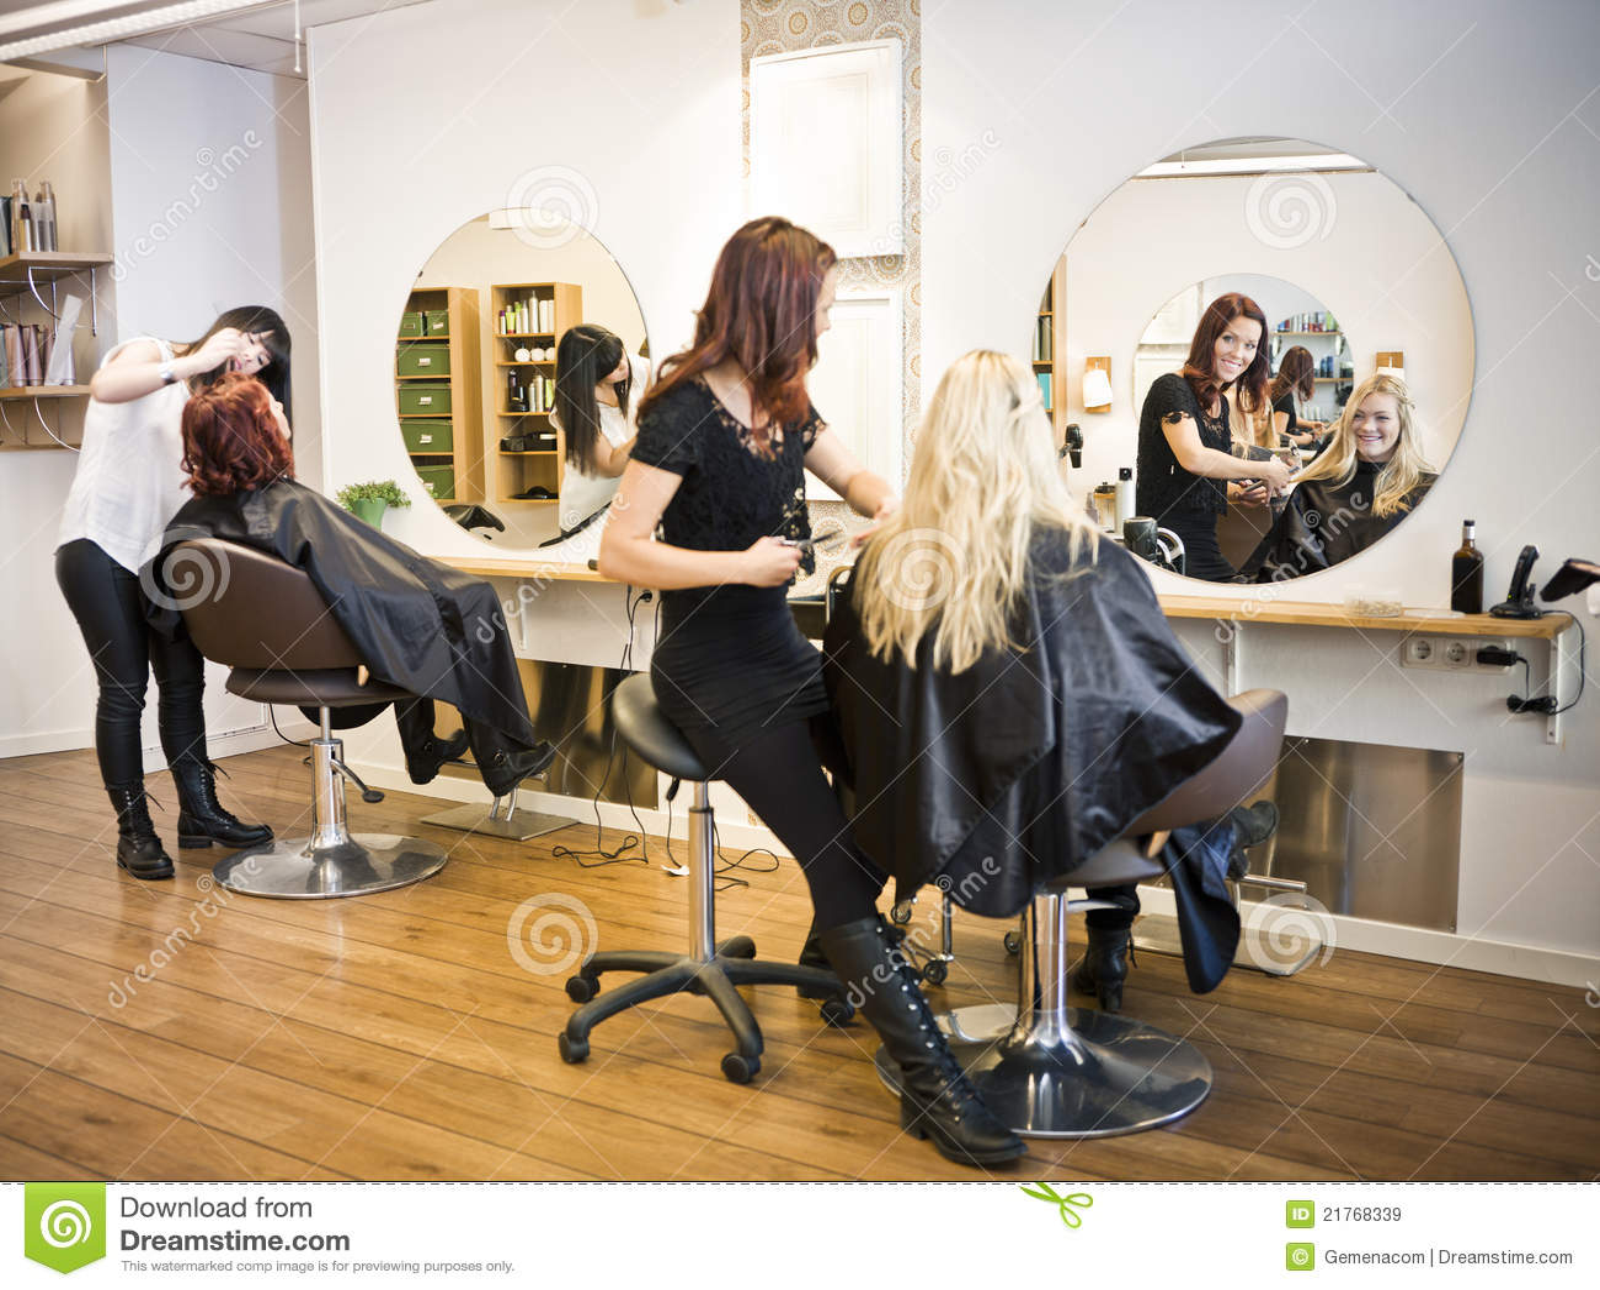 Salon włosiana sytuacja